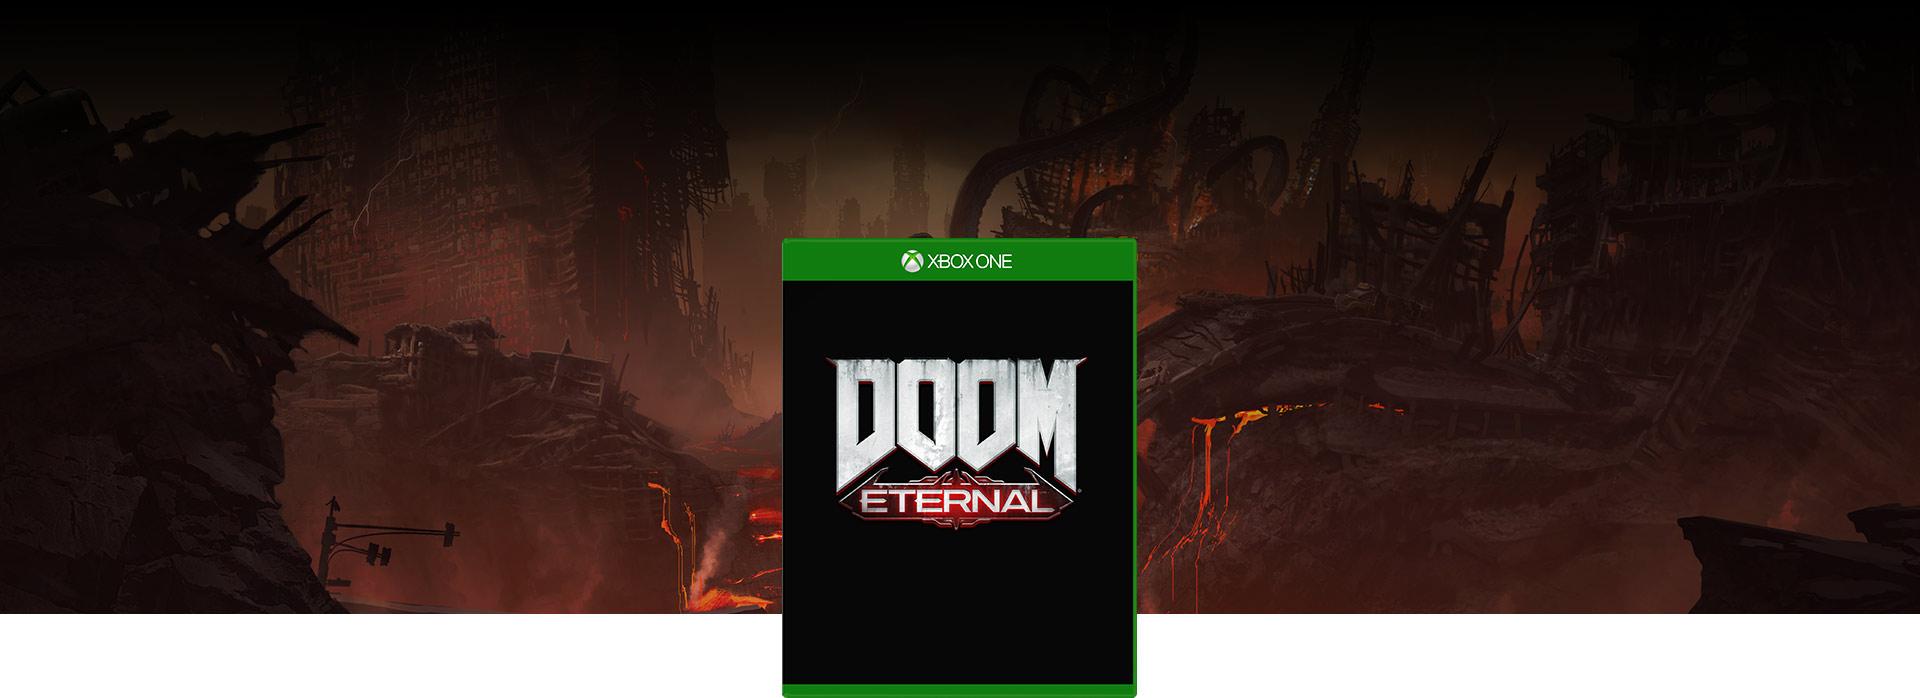 DOOM eternal 外包裝圖,地獄裡觸鬚從熔岩竄出的背景